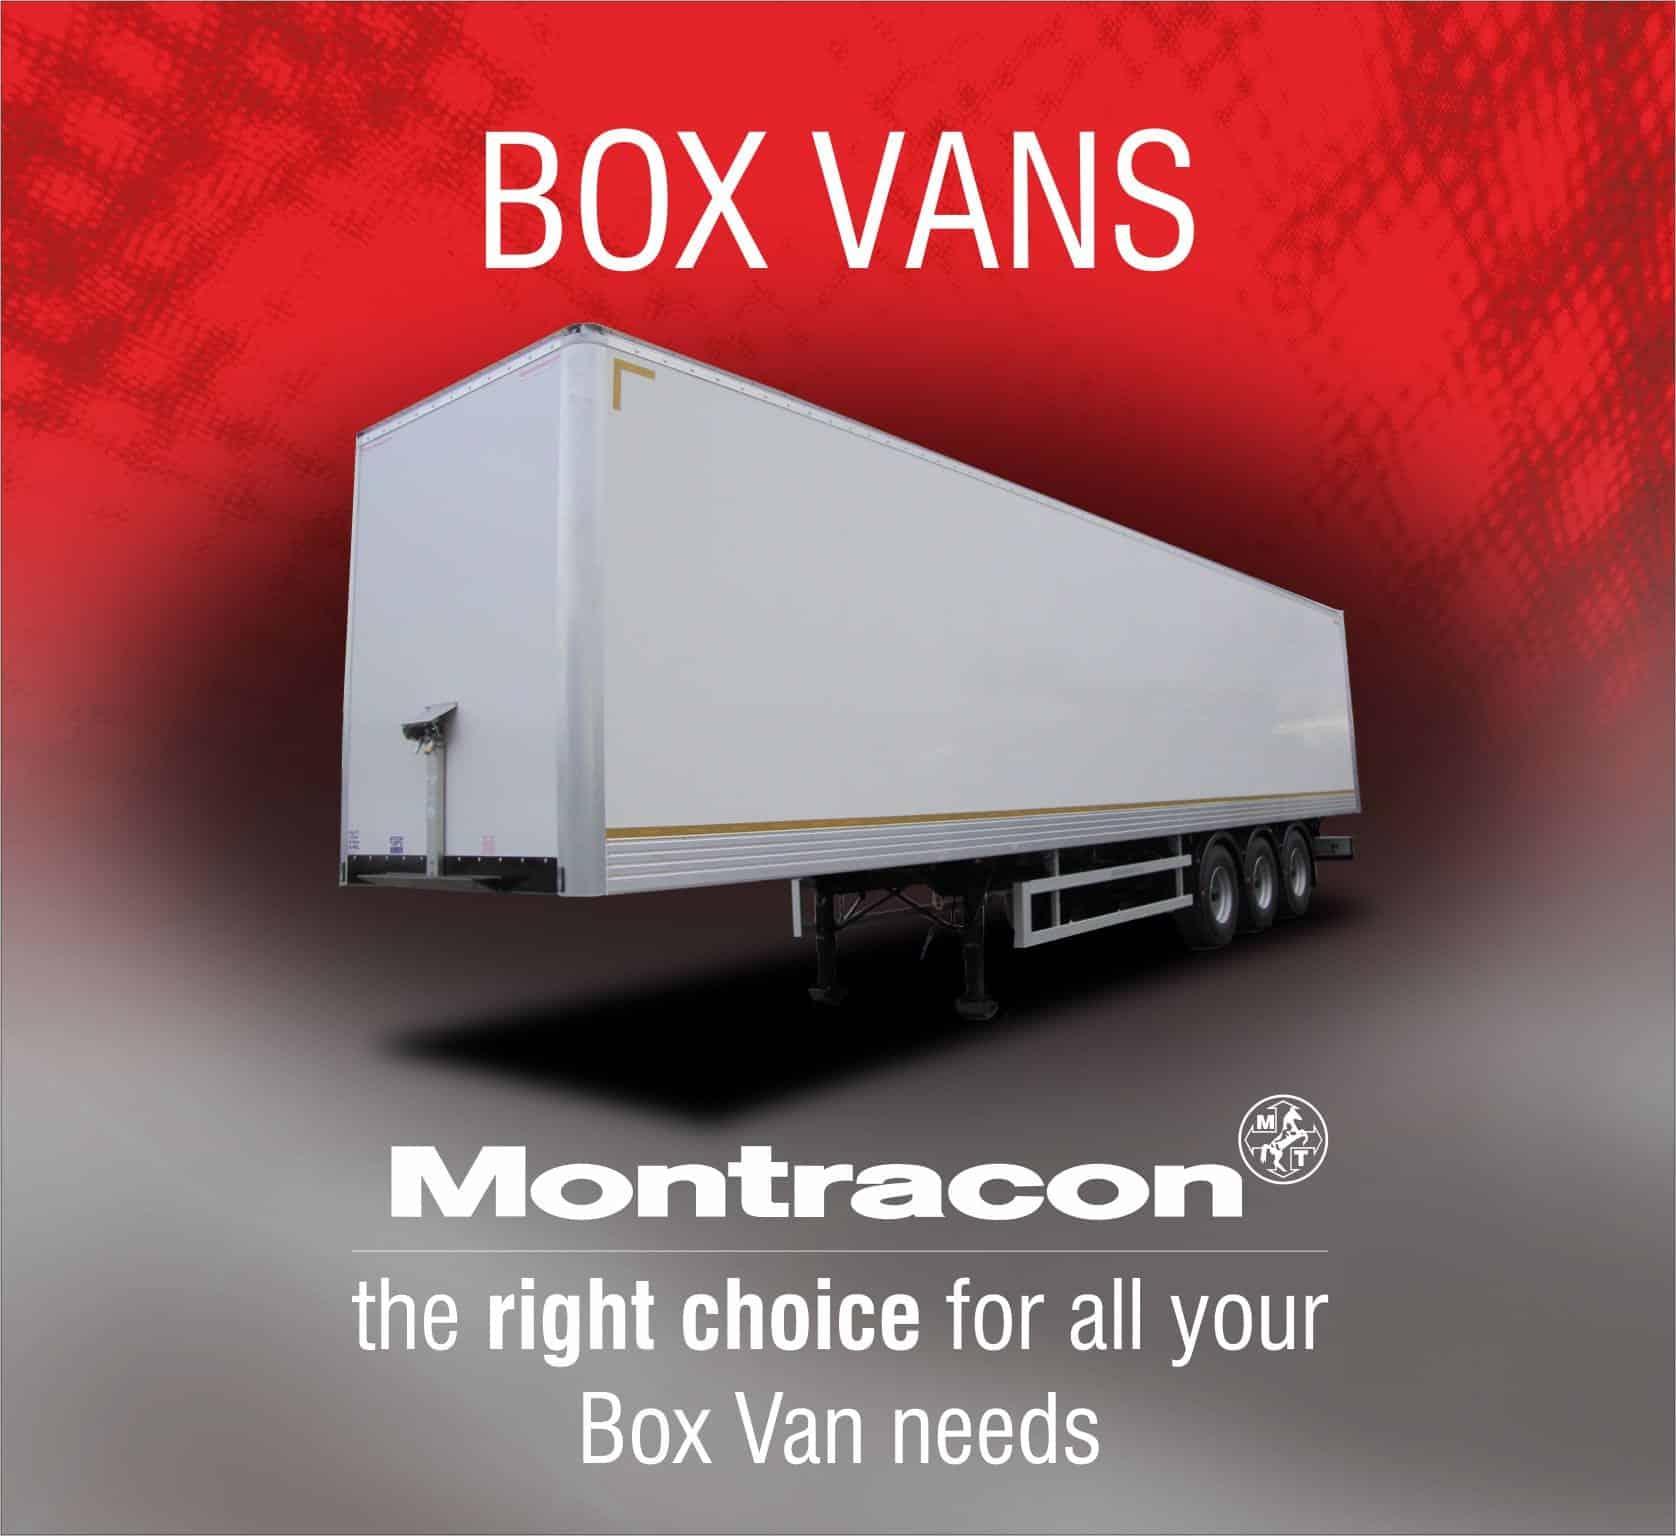 Montracon's box vans